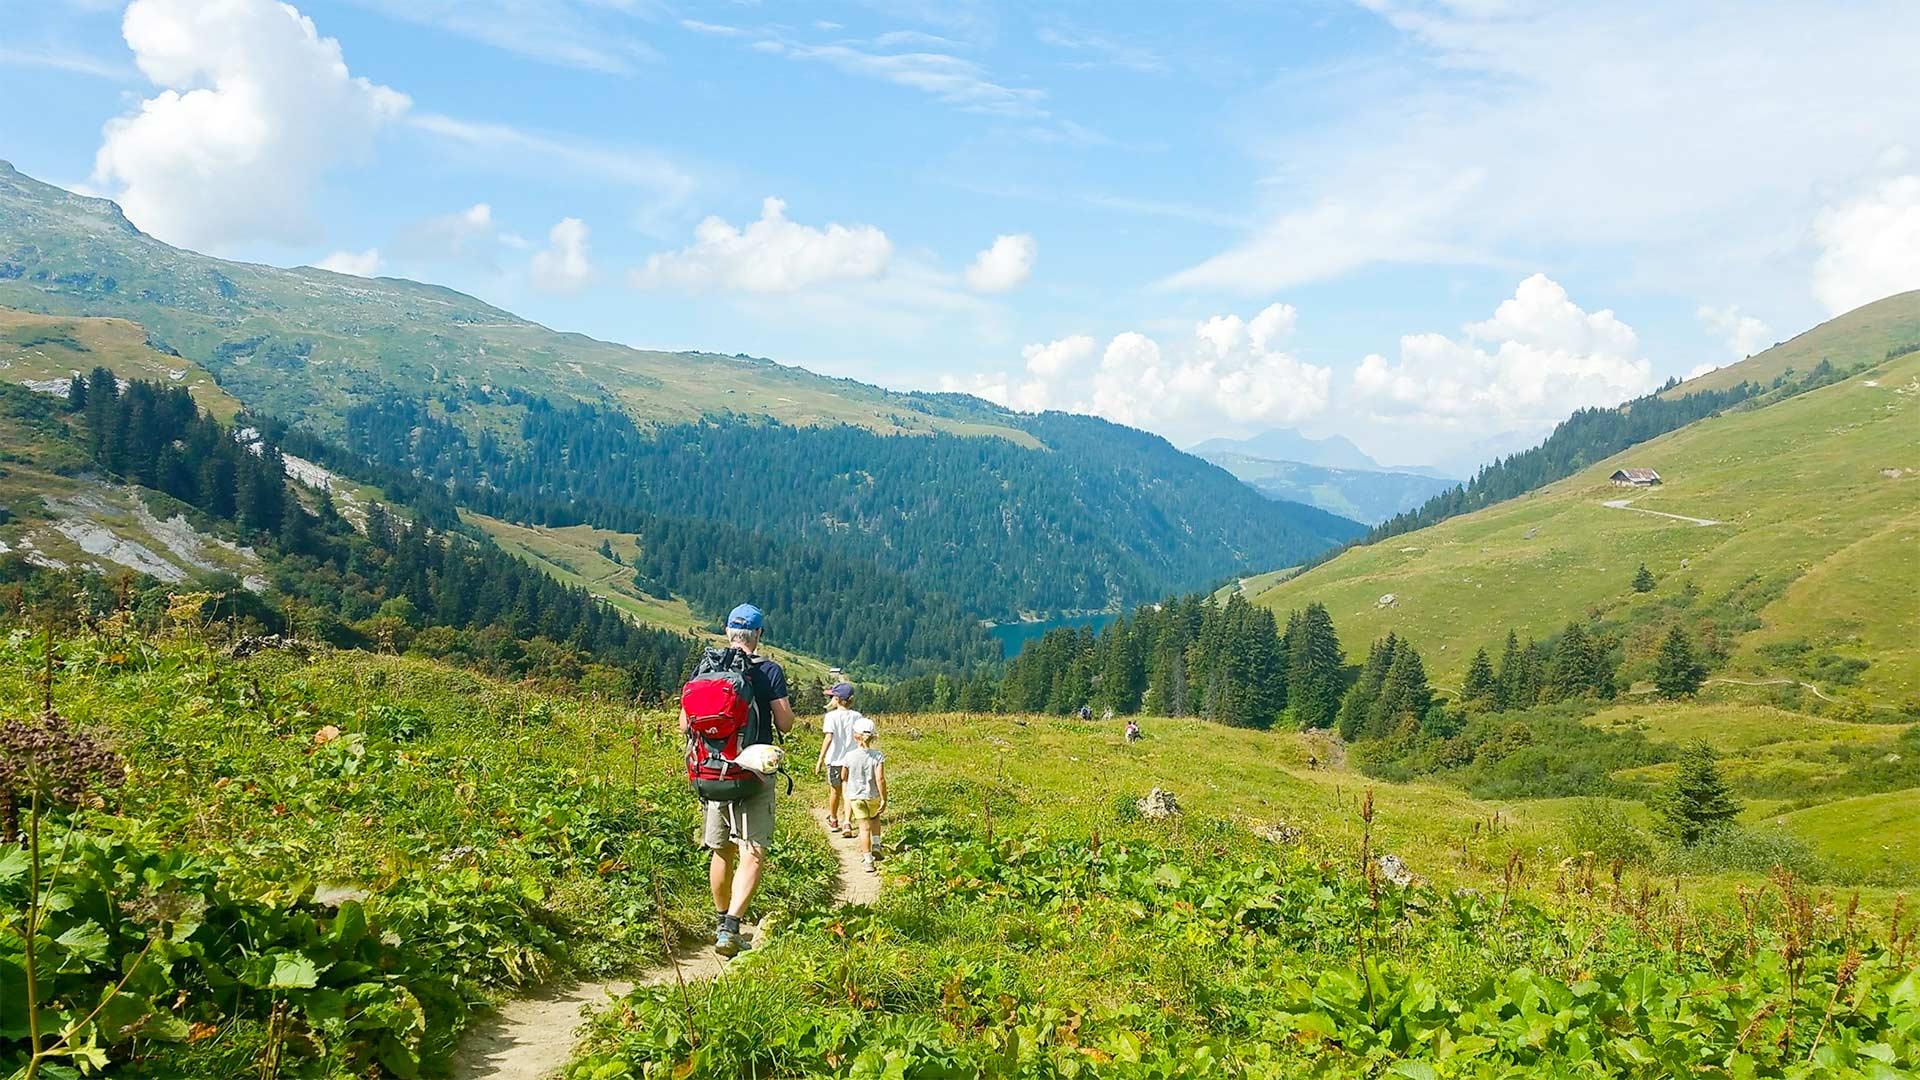 autour du camping en Savoie